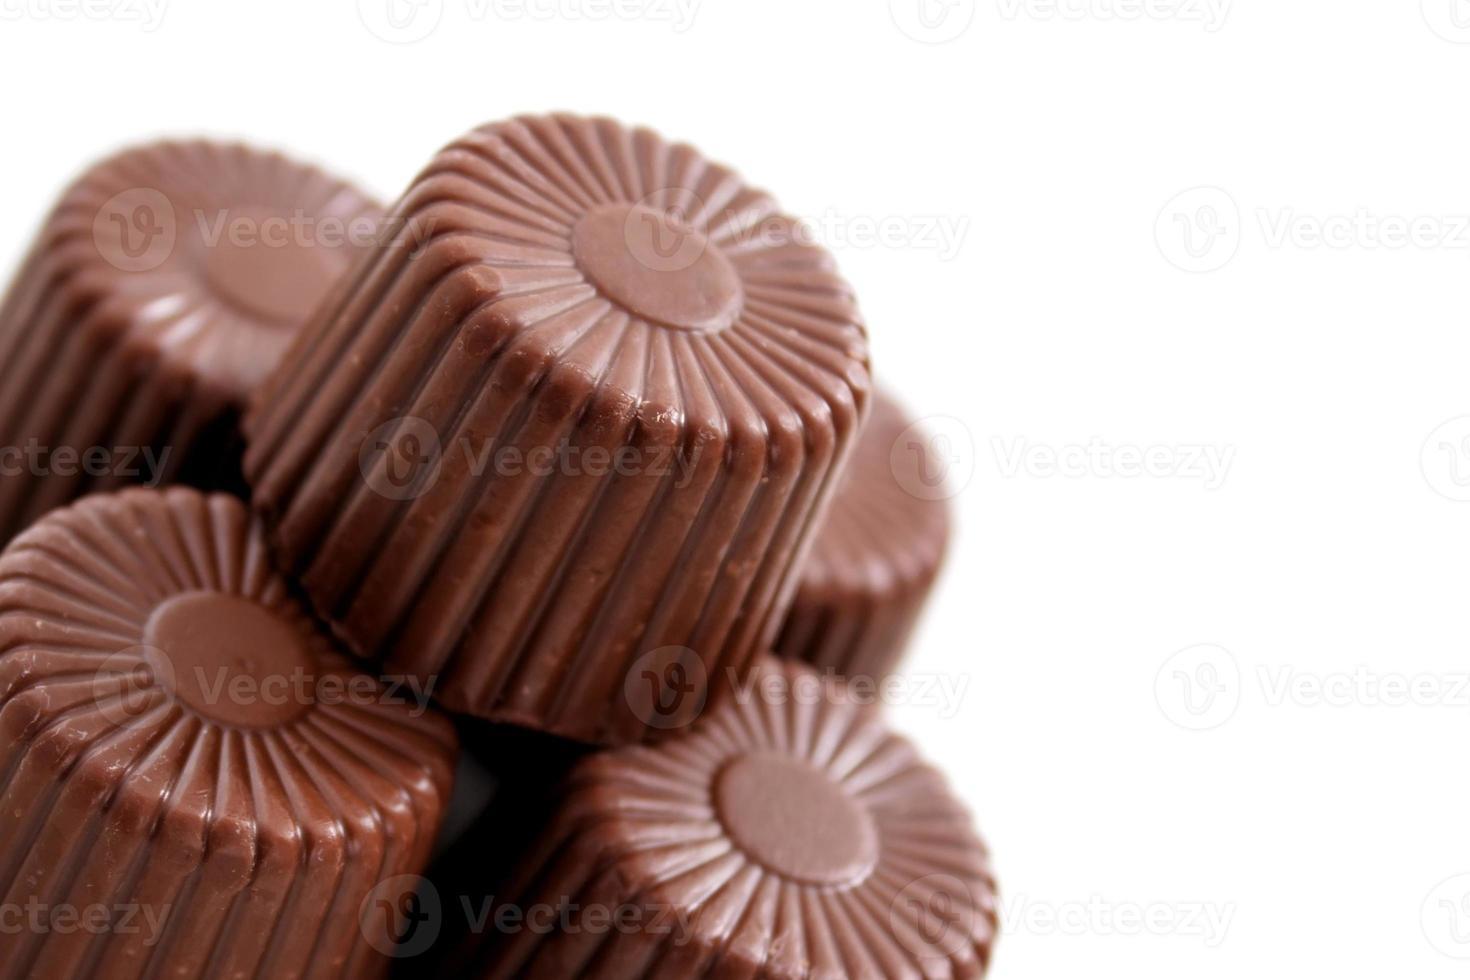 chocolats arrondis du coin inférieur photo